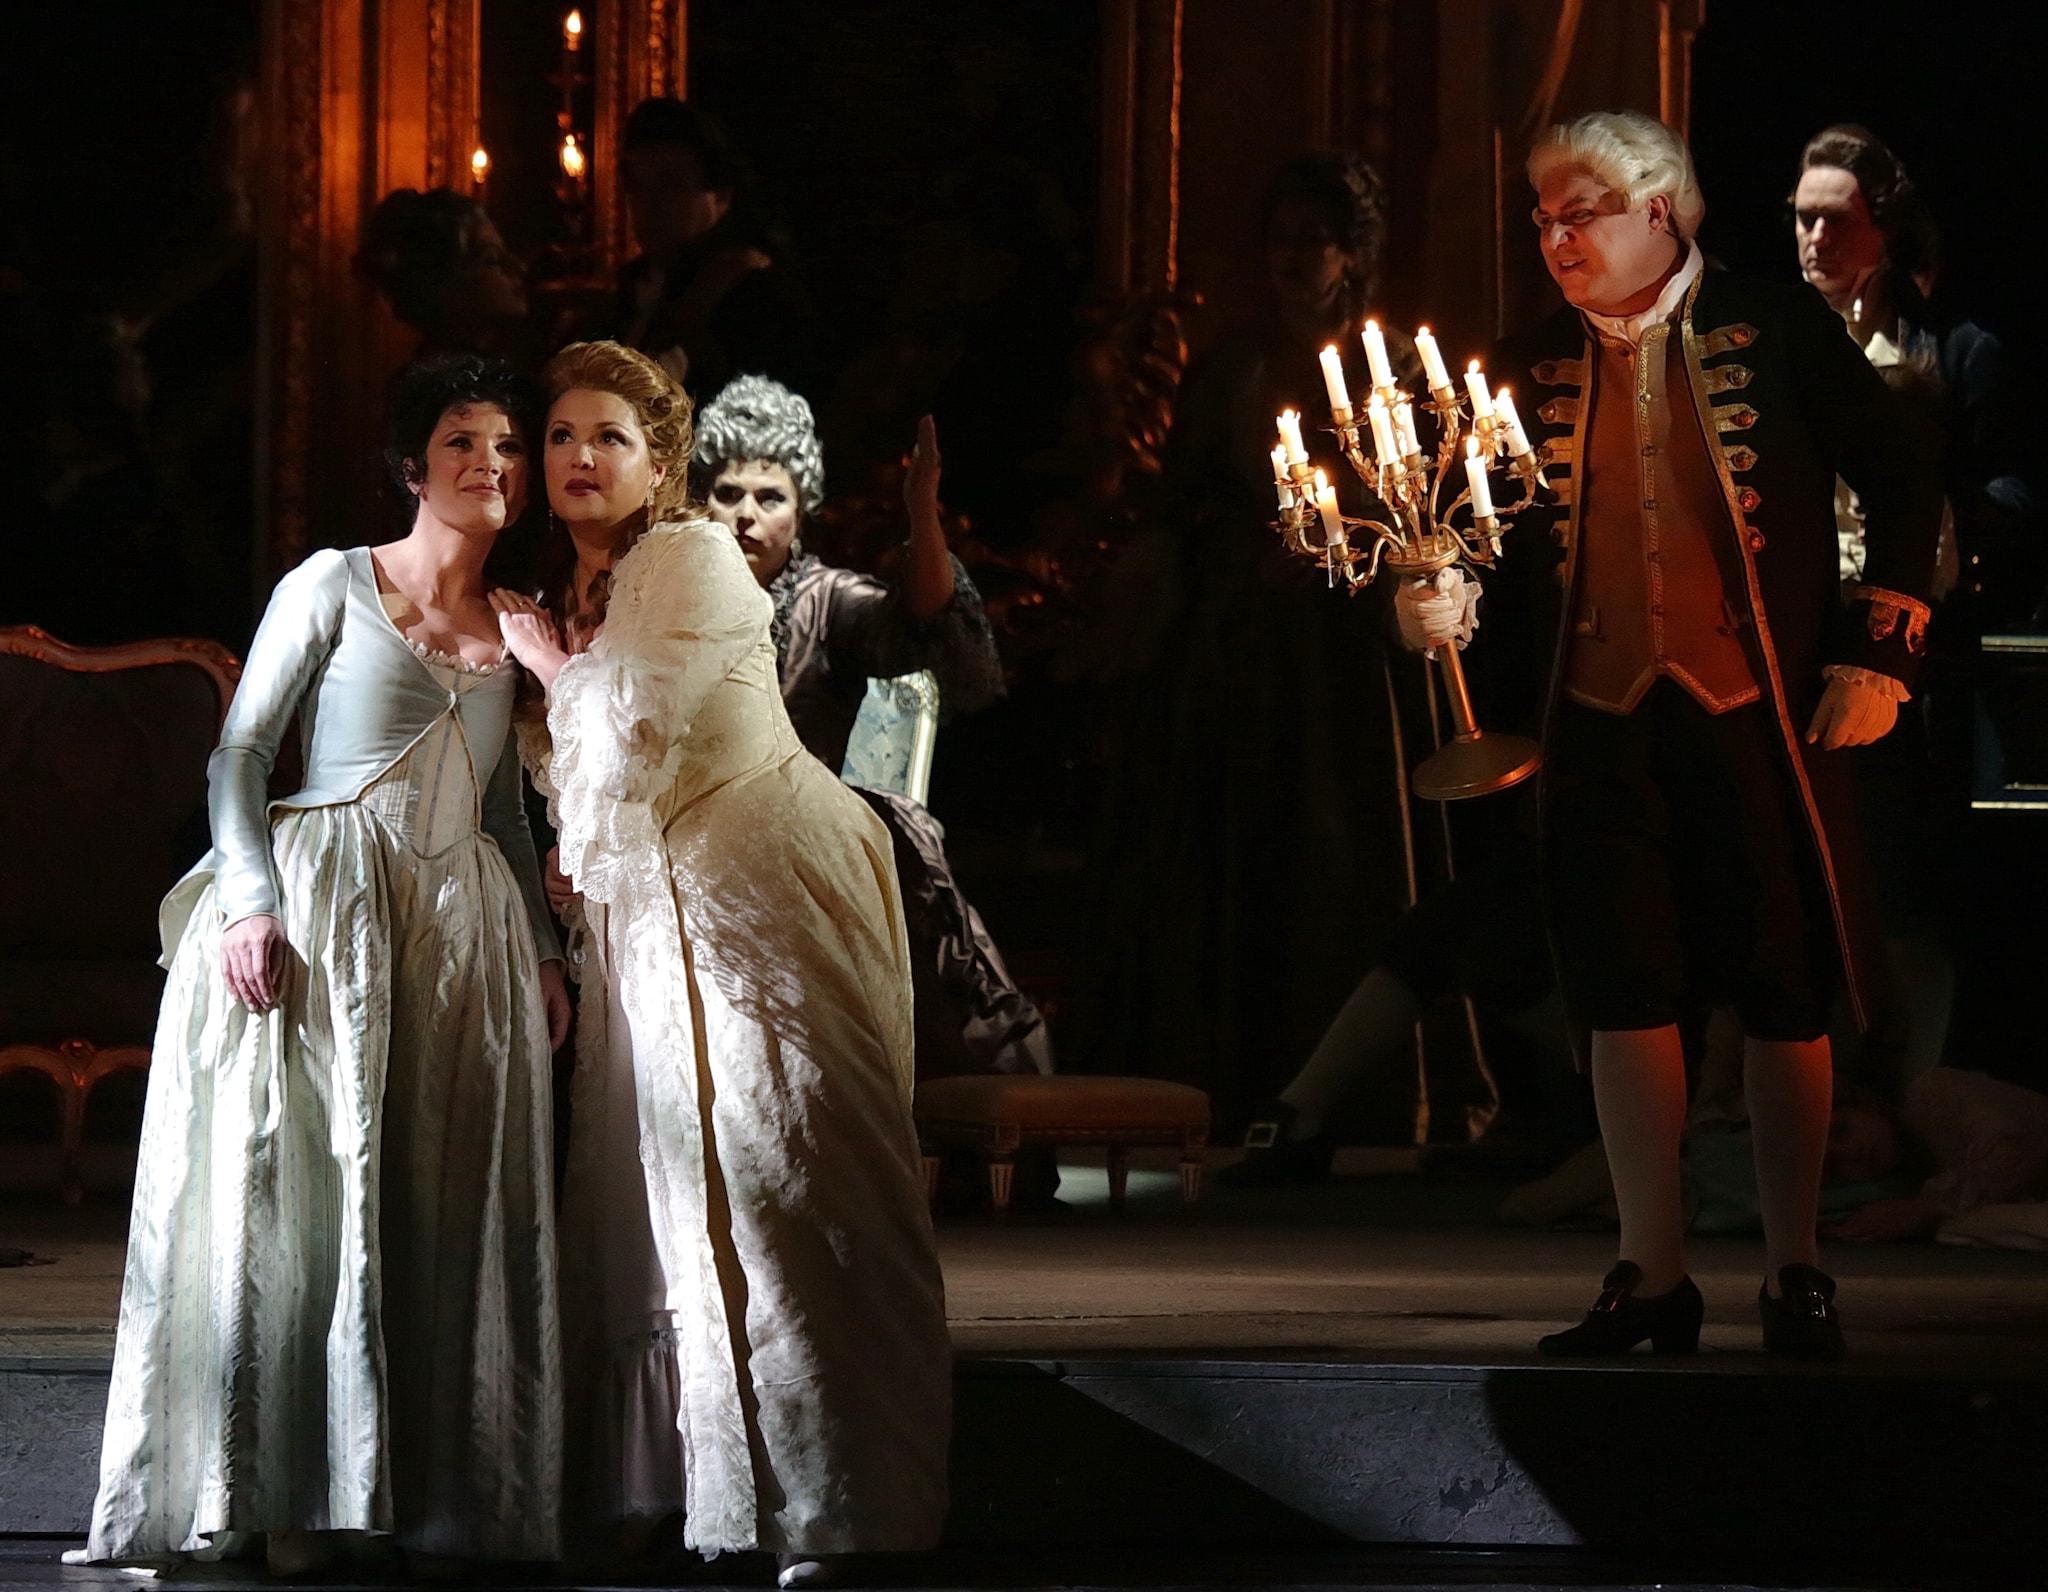 (Brescia/Amisano - Teatro alla Scala)